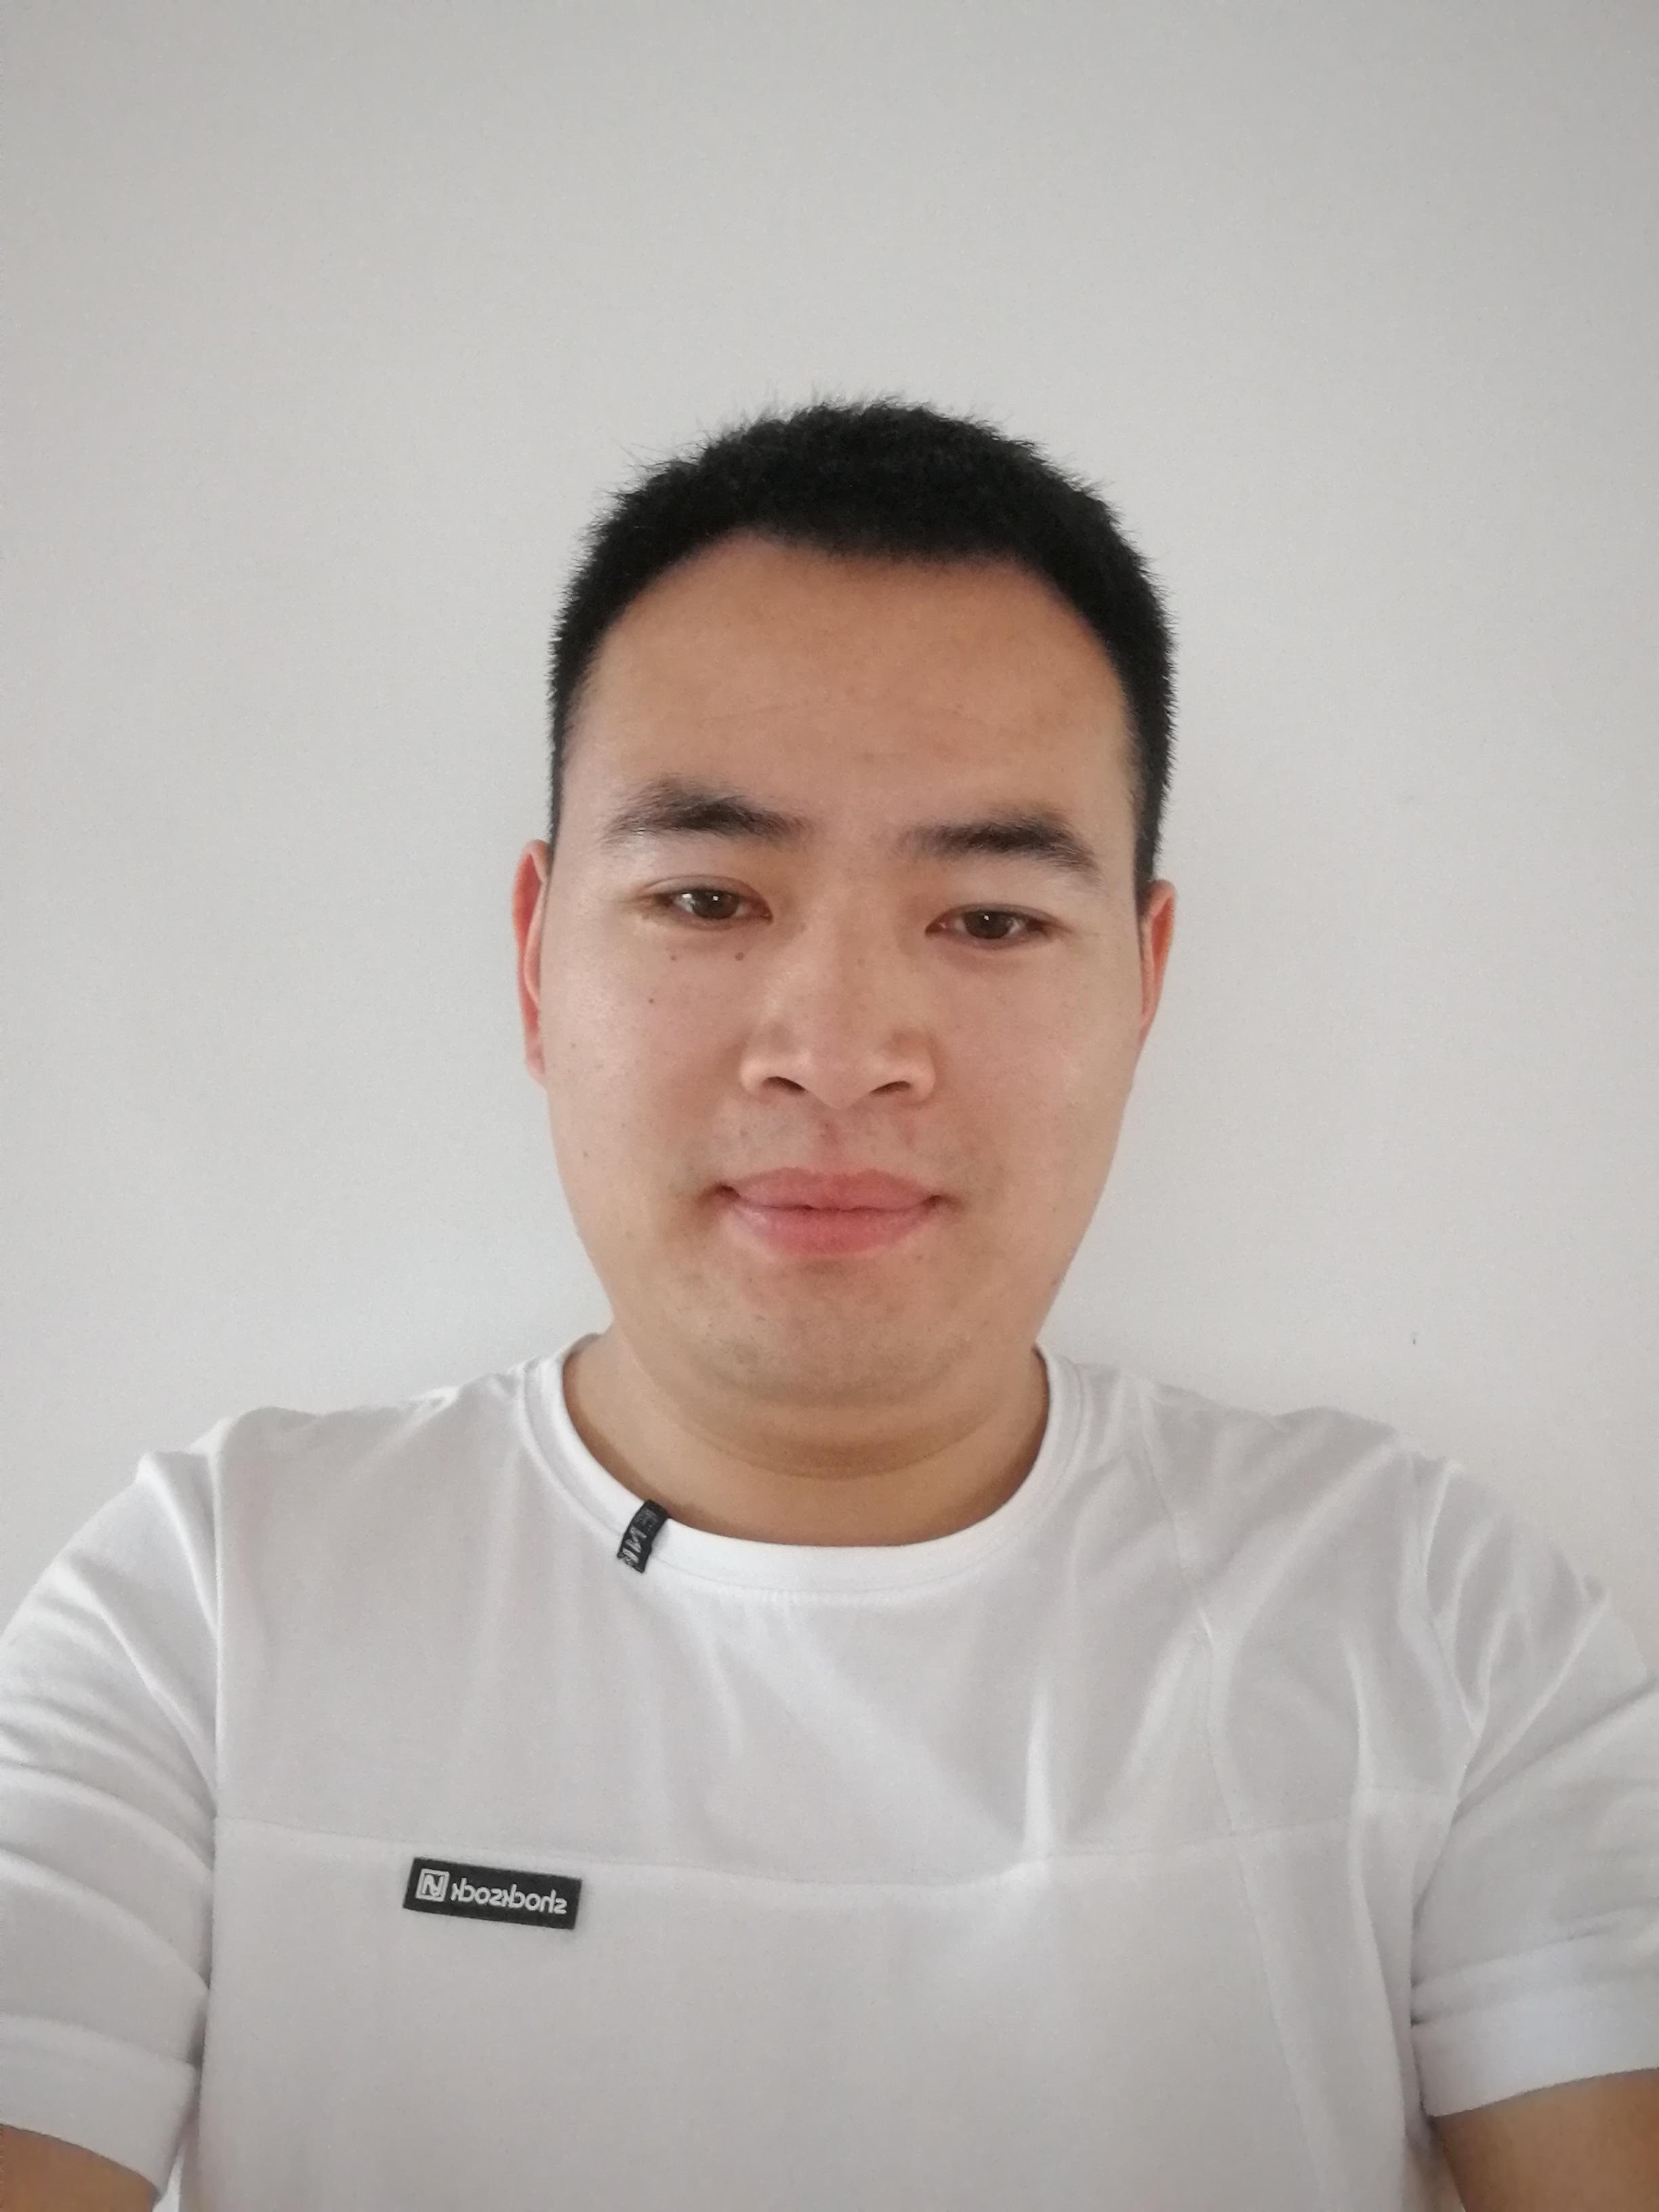 陈海朋:项目经理